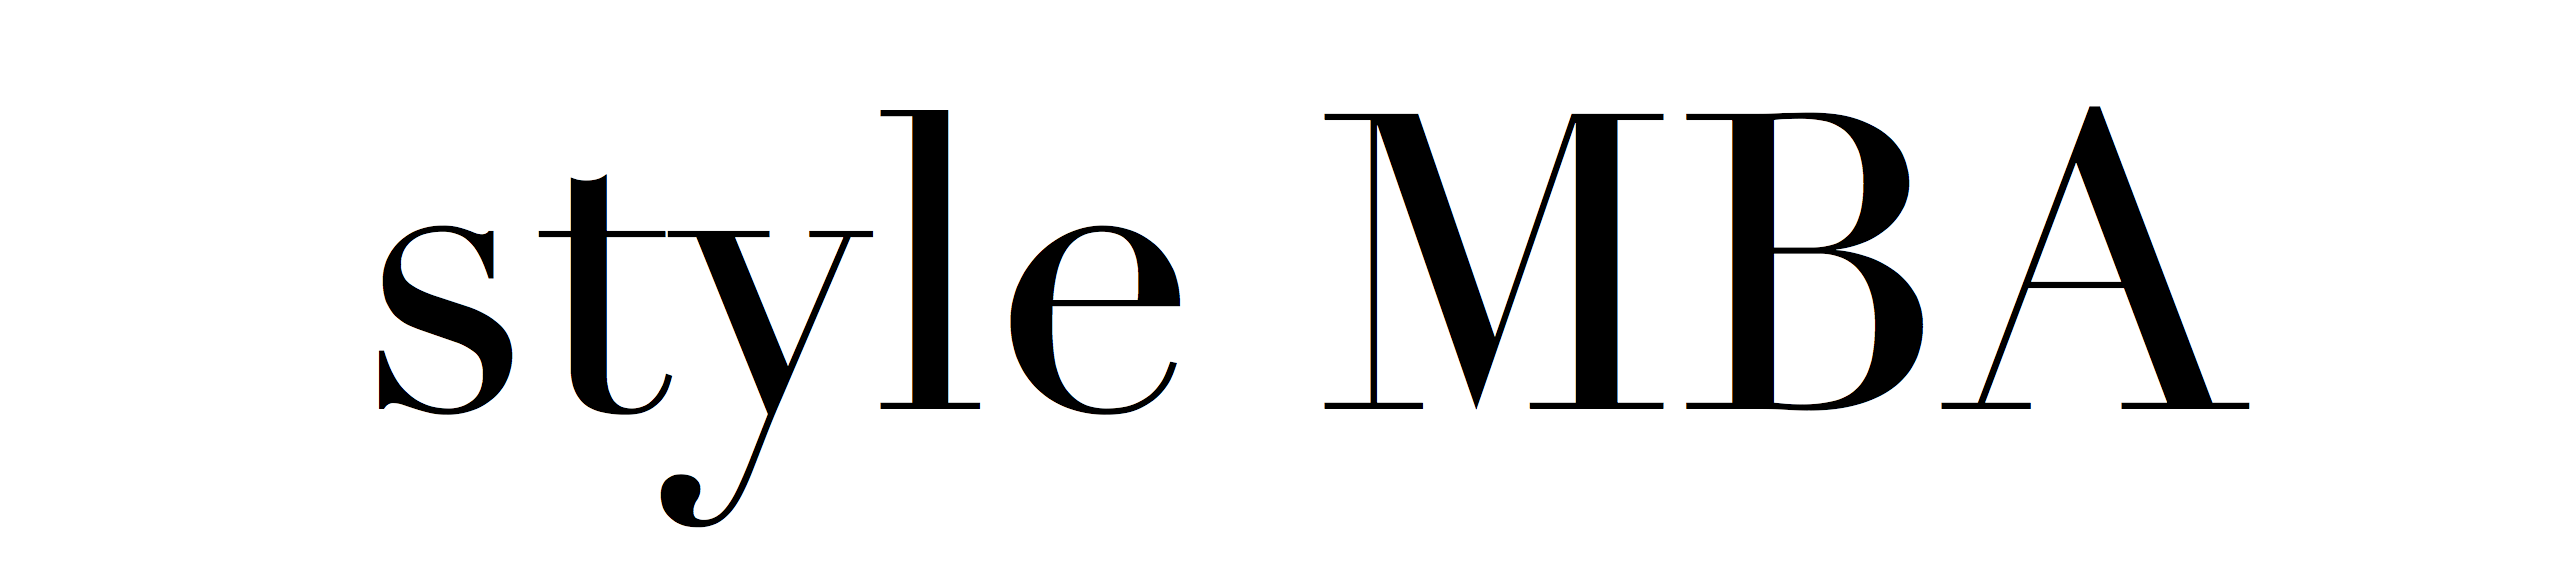 Style MBA